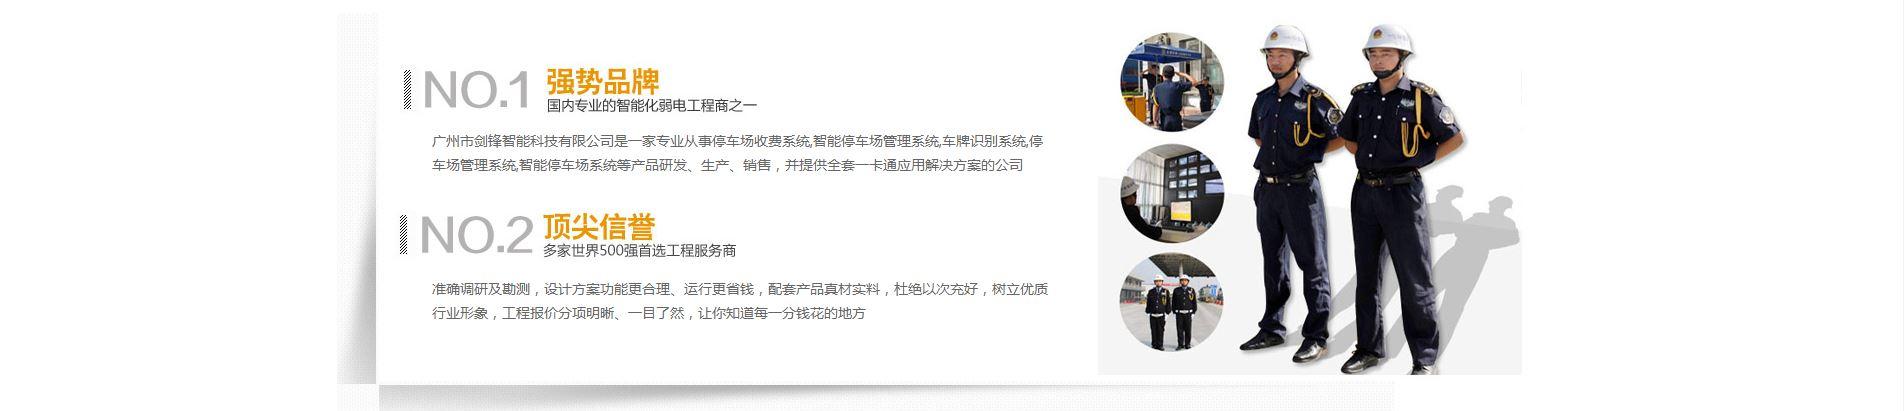 广州市停车场管理系统